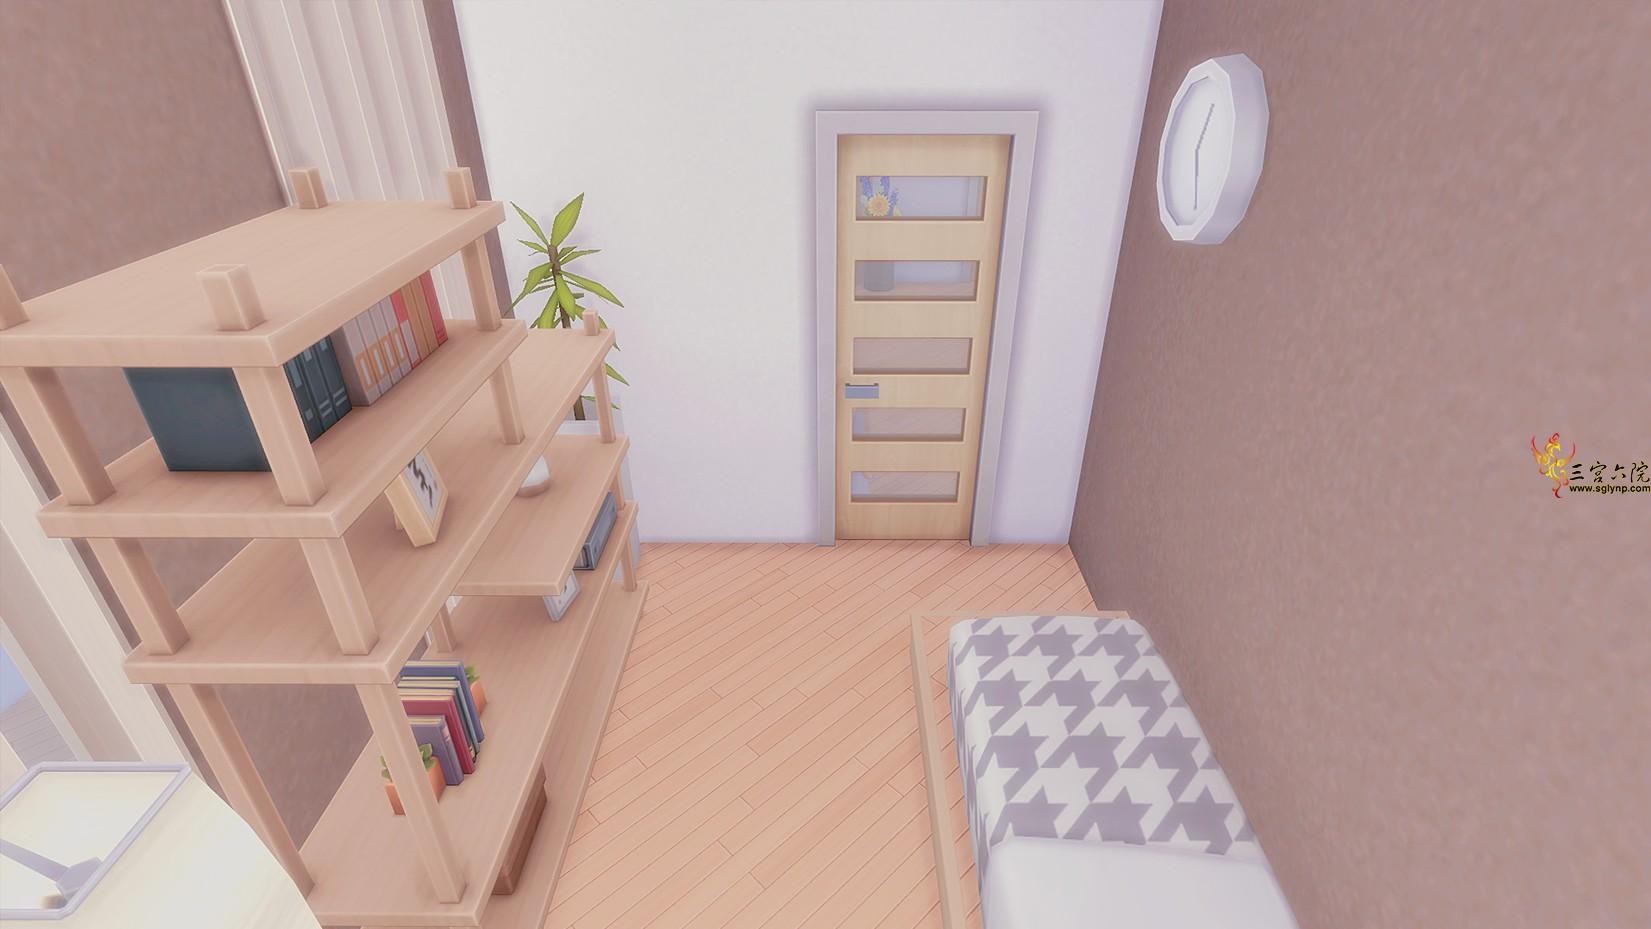 Sims 4 Screenshot 2021.02.14 - 14.11.05.69.png